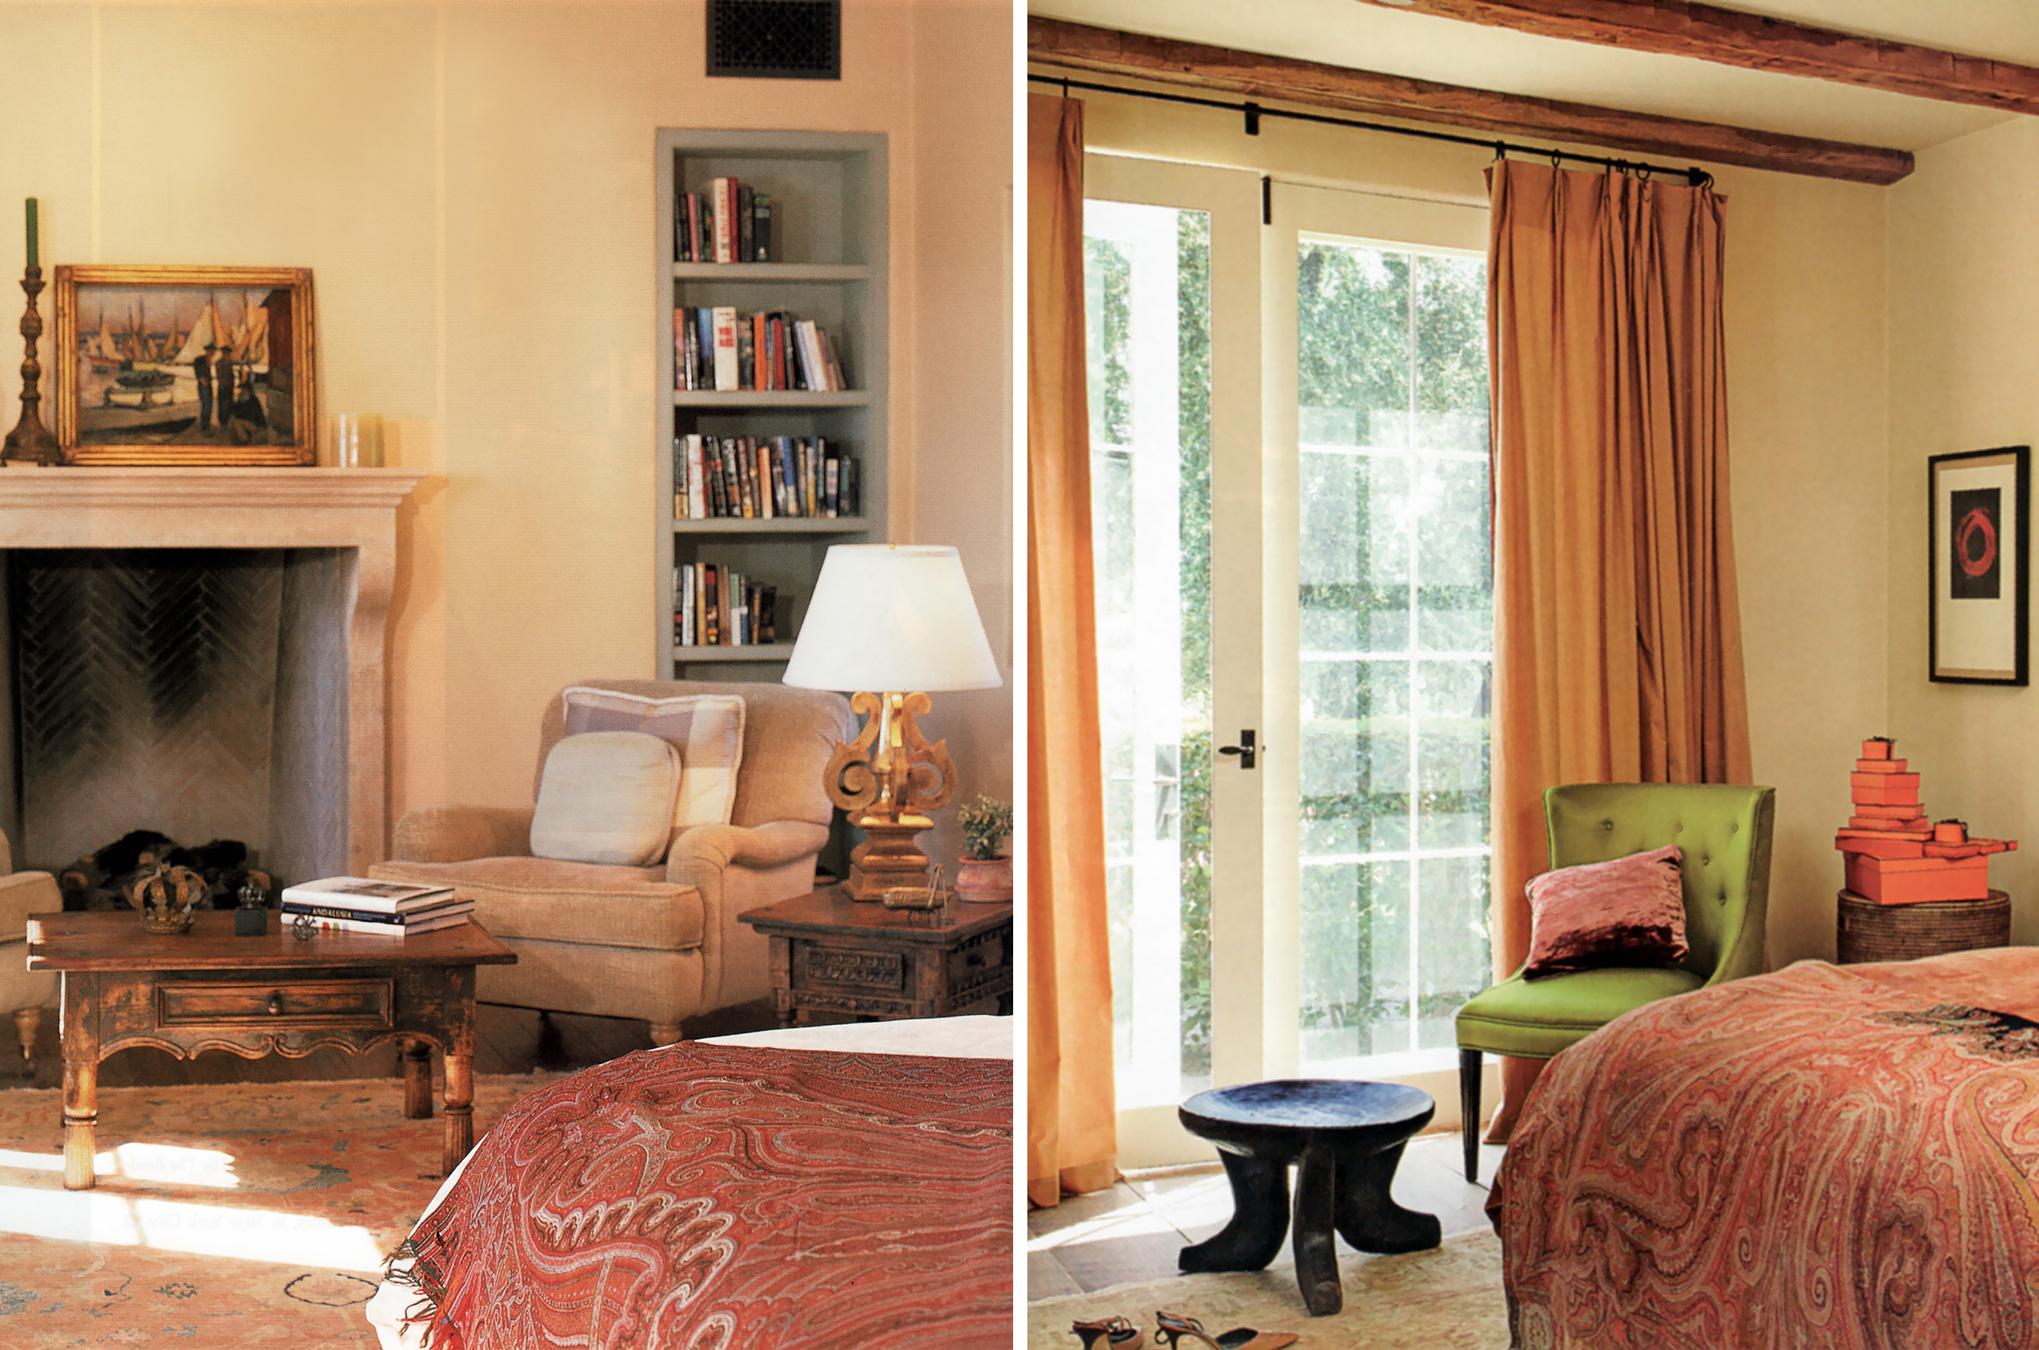 2004-Calif-Homes-April-7-9-dual.jpg